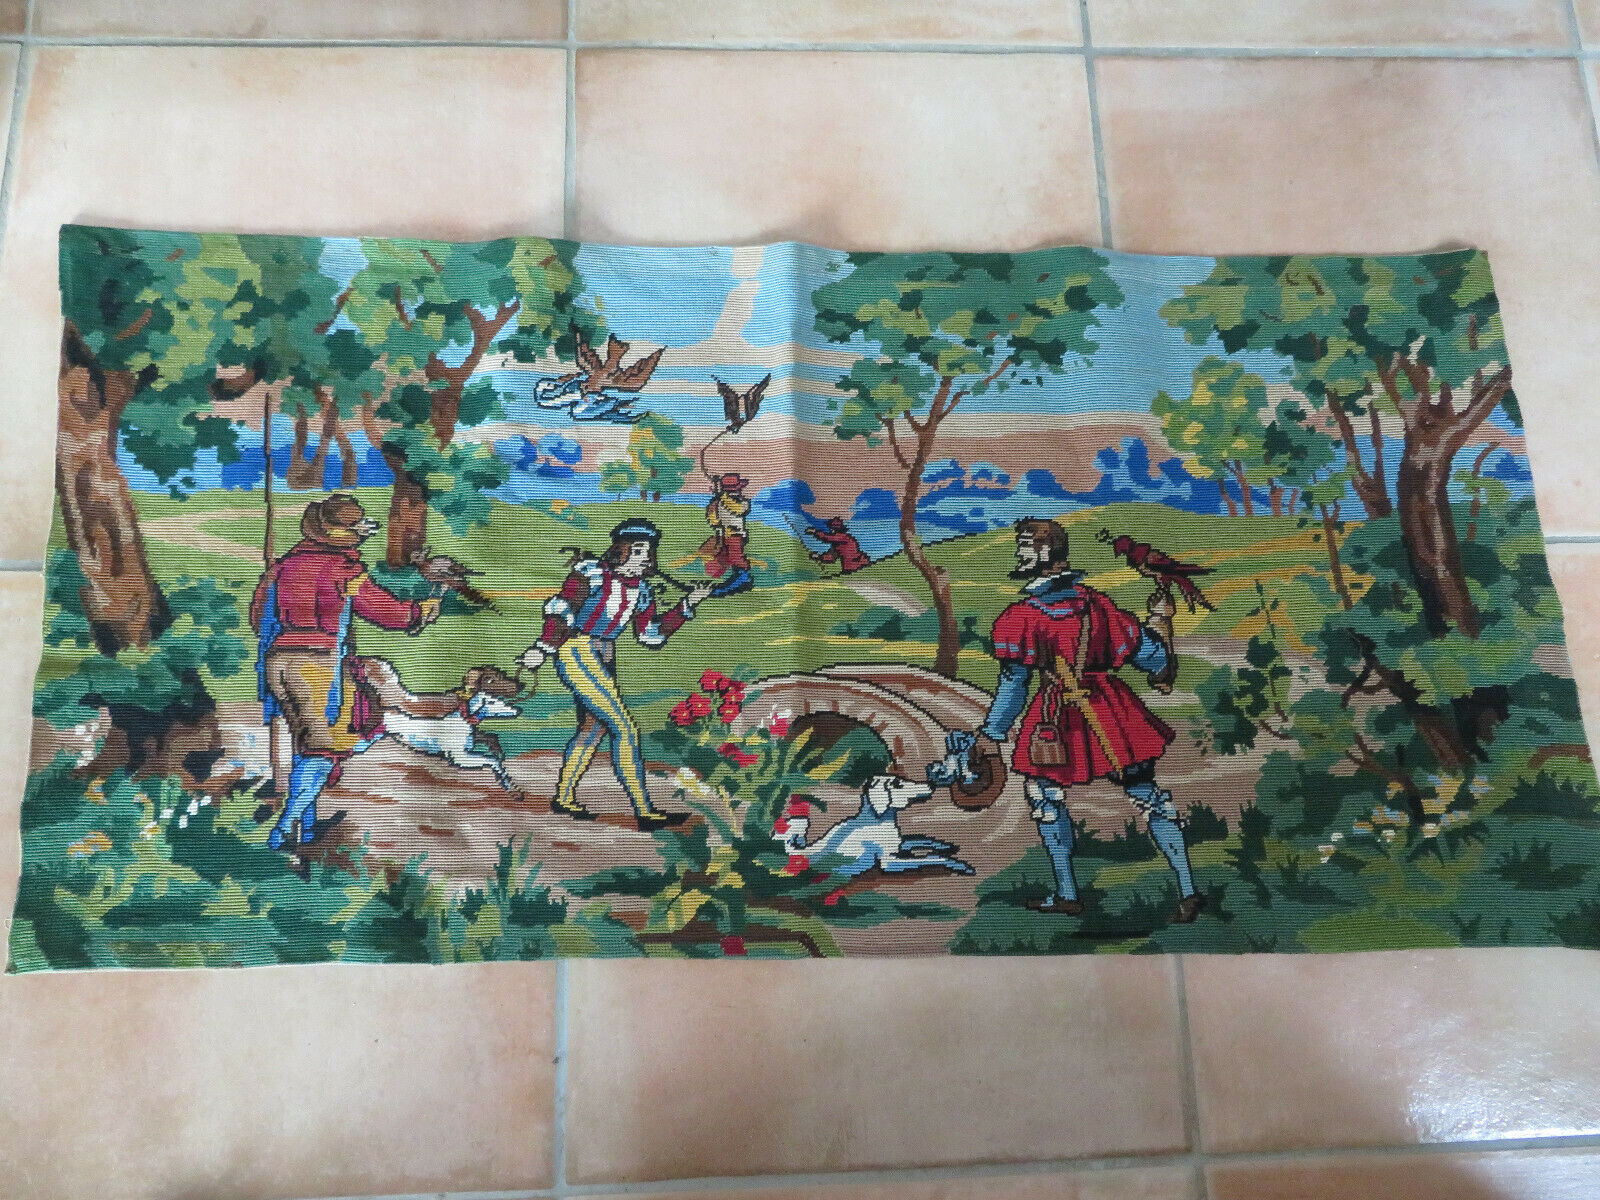 tapisserie canevas à décor de scène chasse